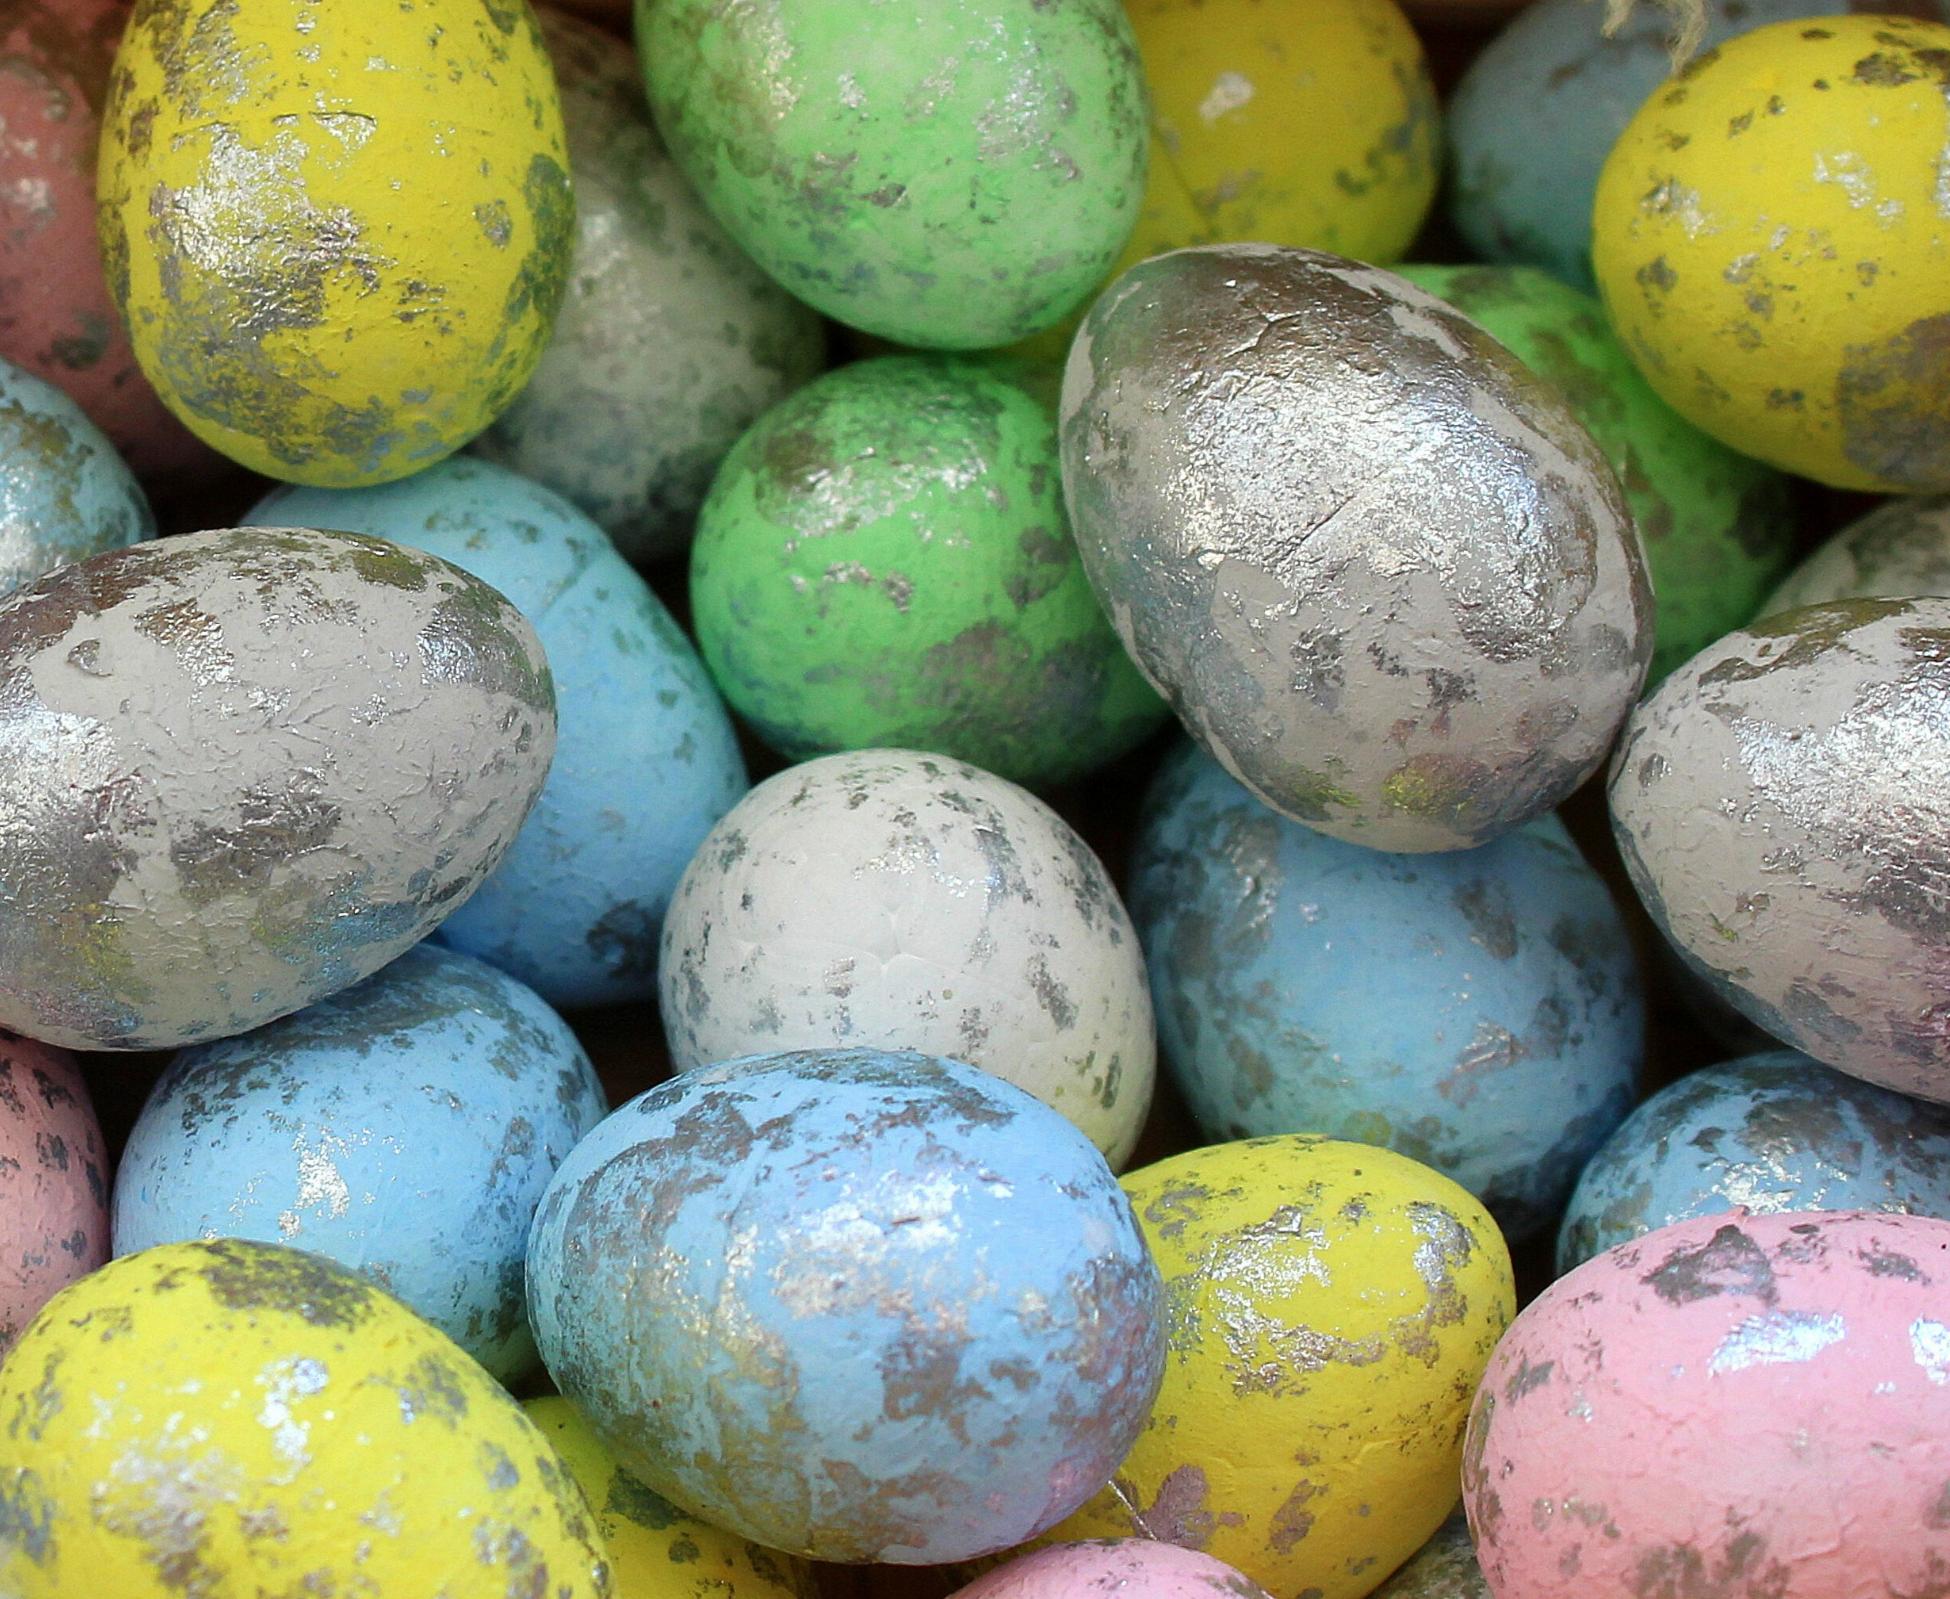 Easter egg hunt in Easter celebration